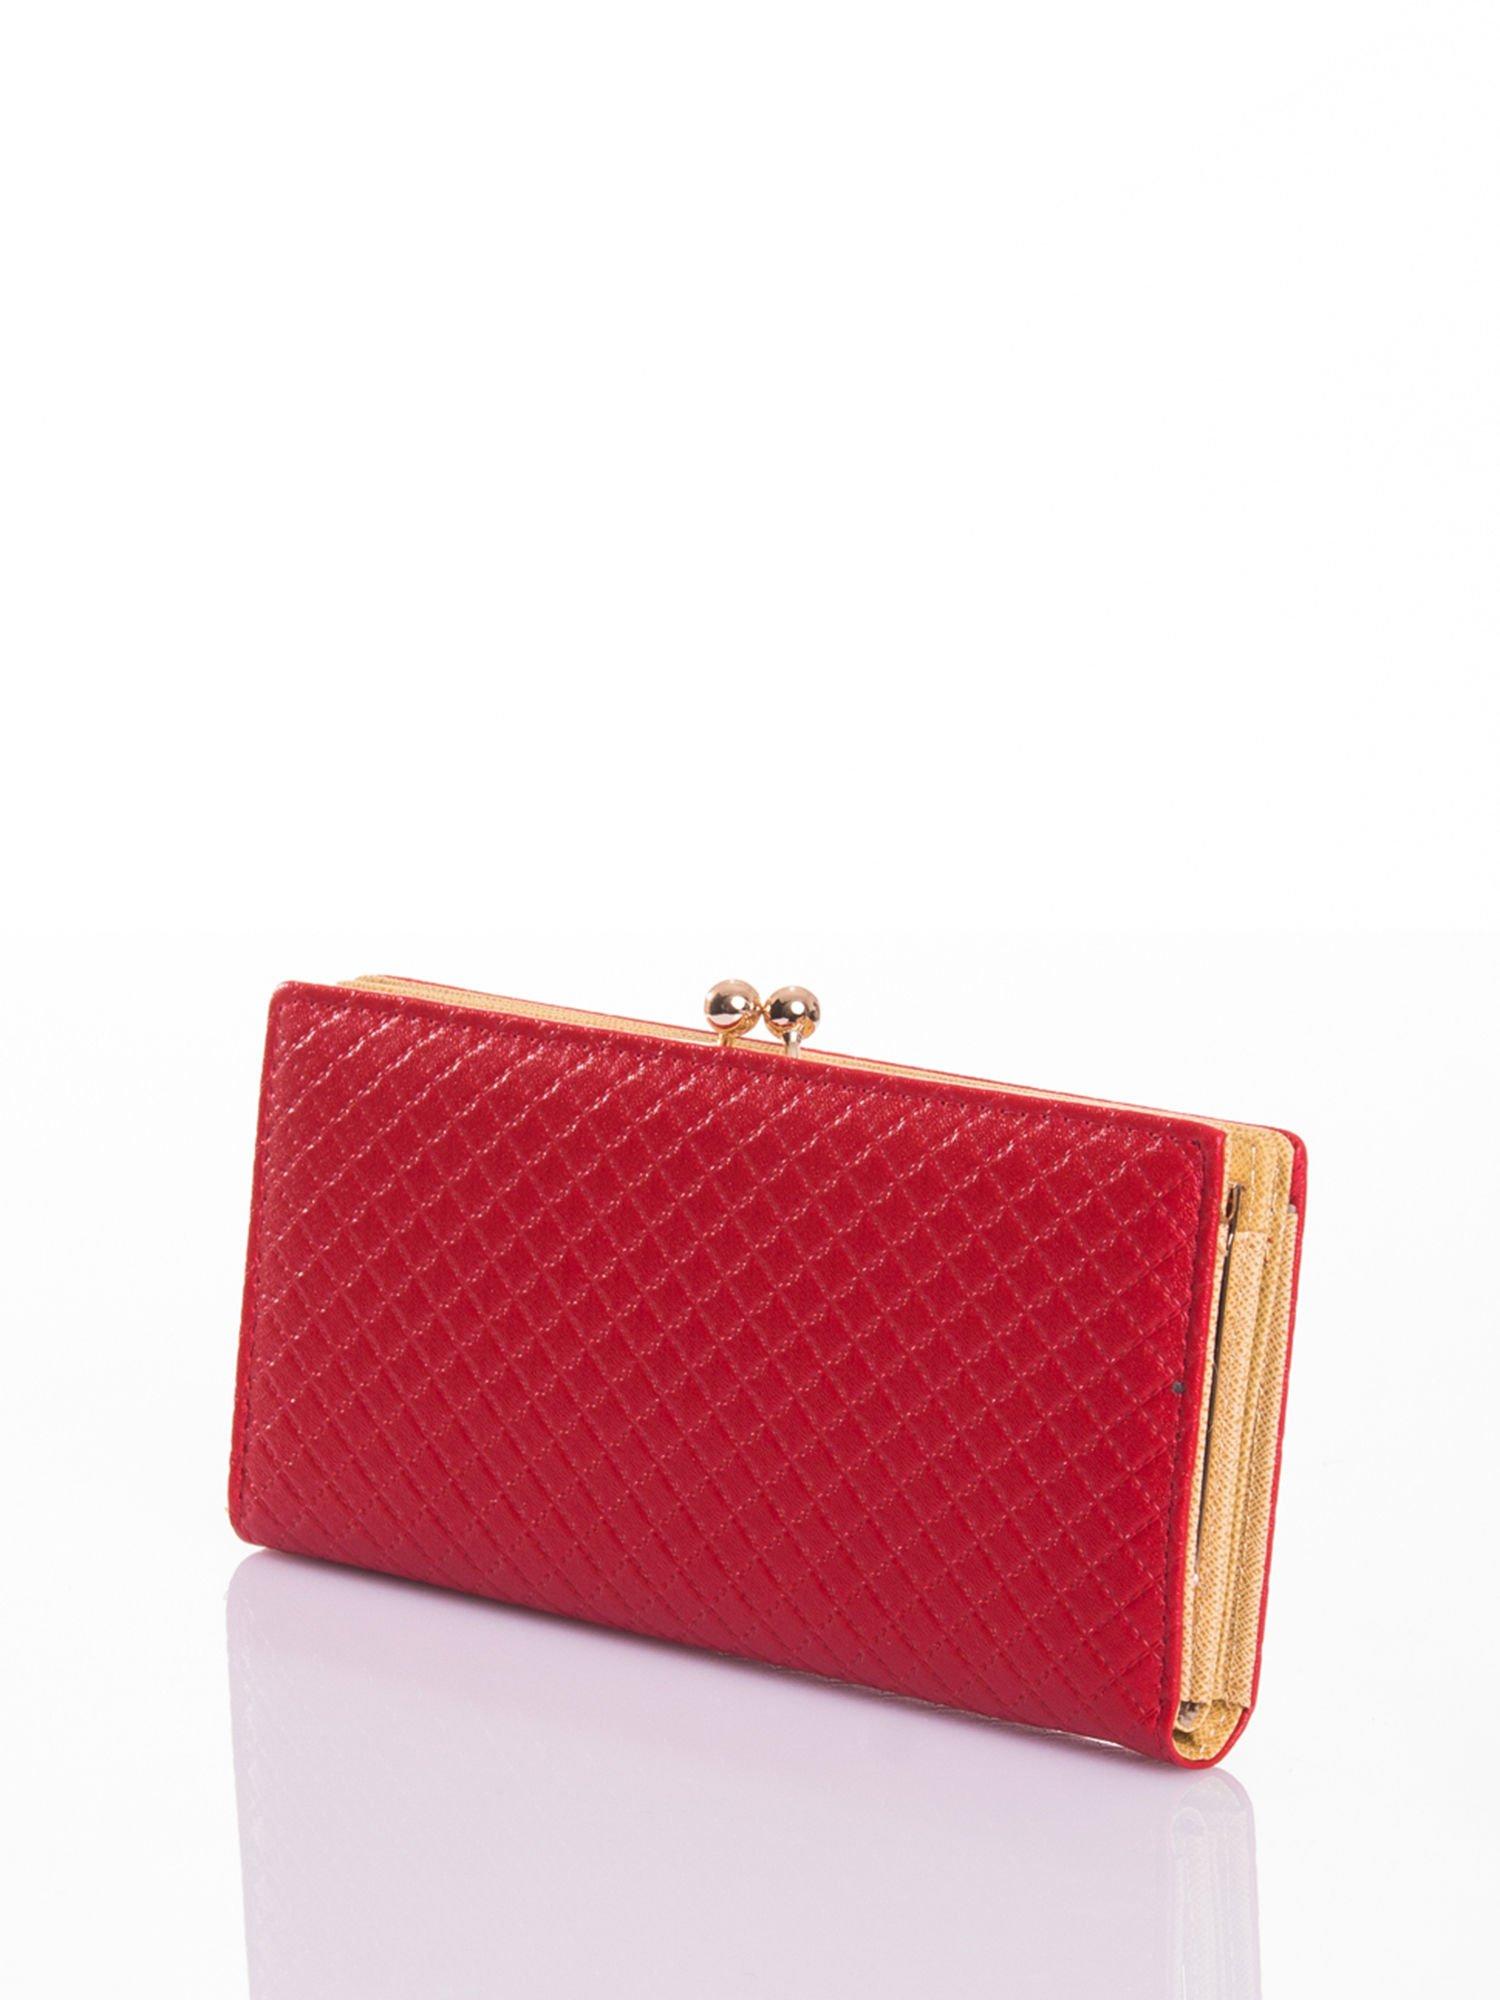 Czerwony elegancki portfel na bigiel                                  zdj.                                  2